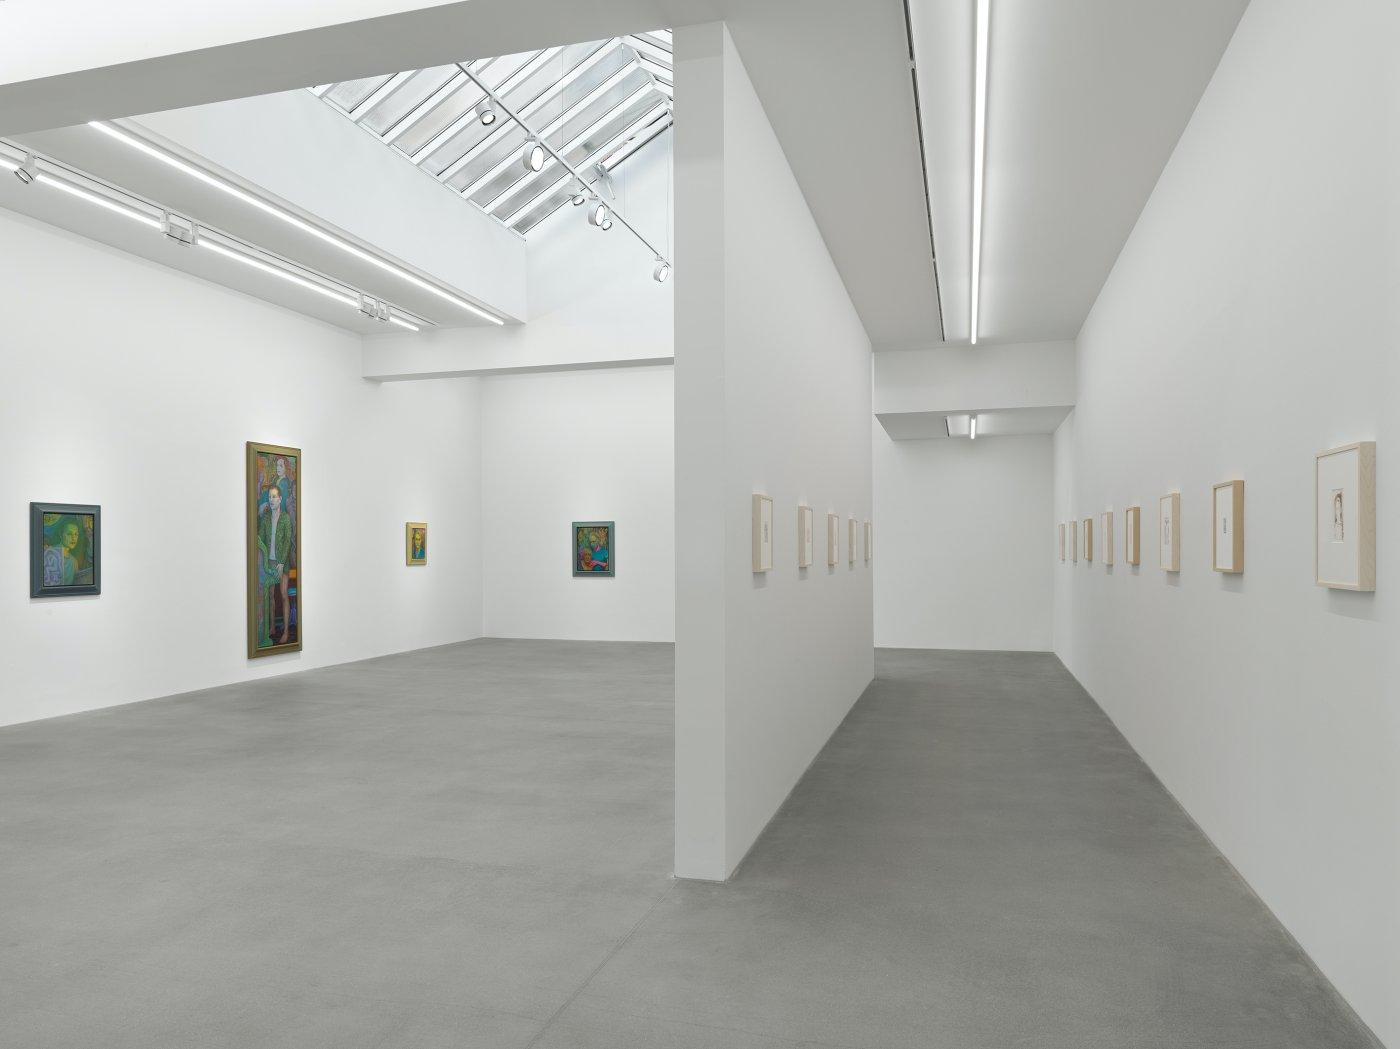 Galerie Eva Presenhuber Waldmannstrasse Steven Shearer 6